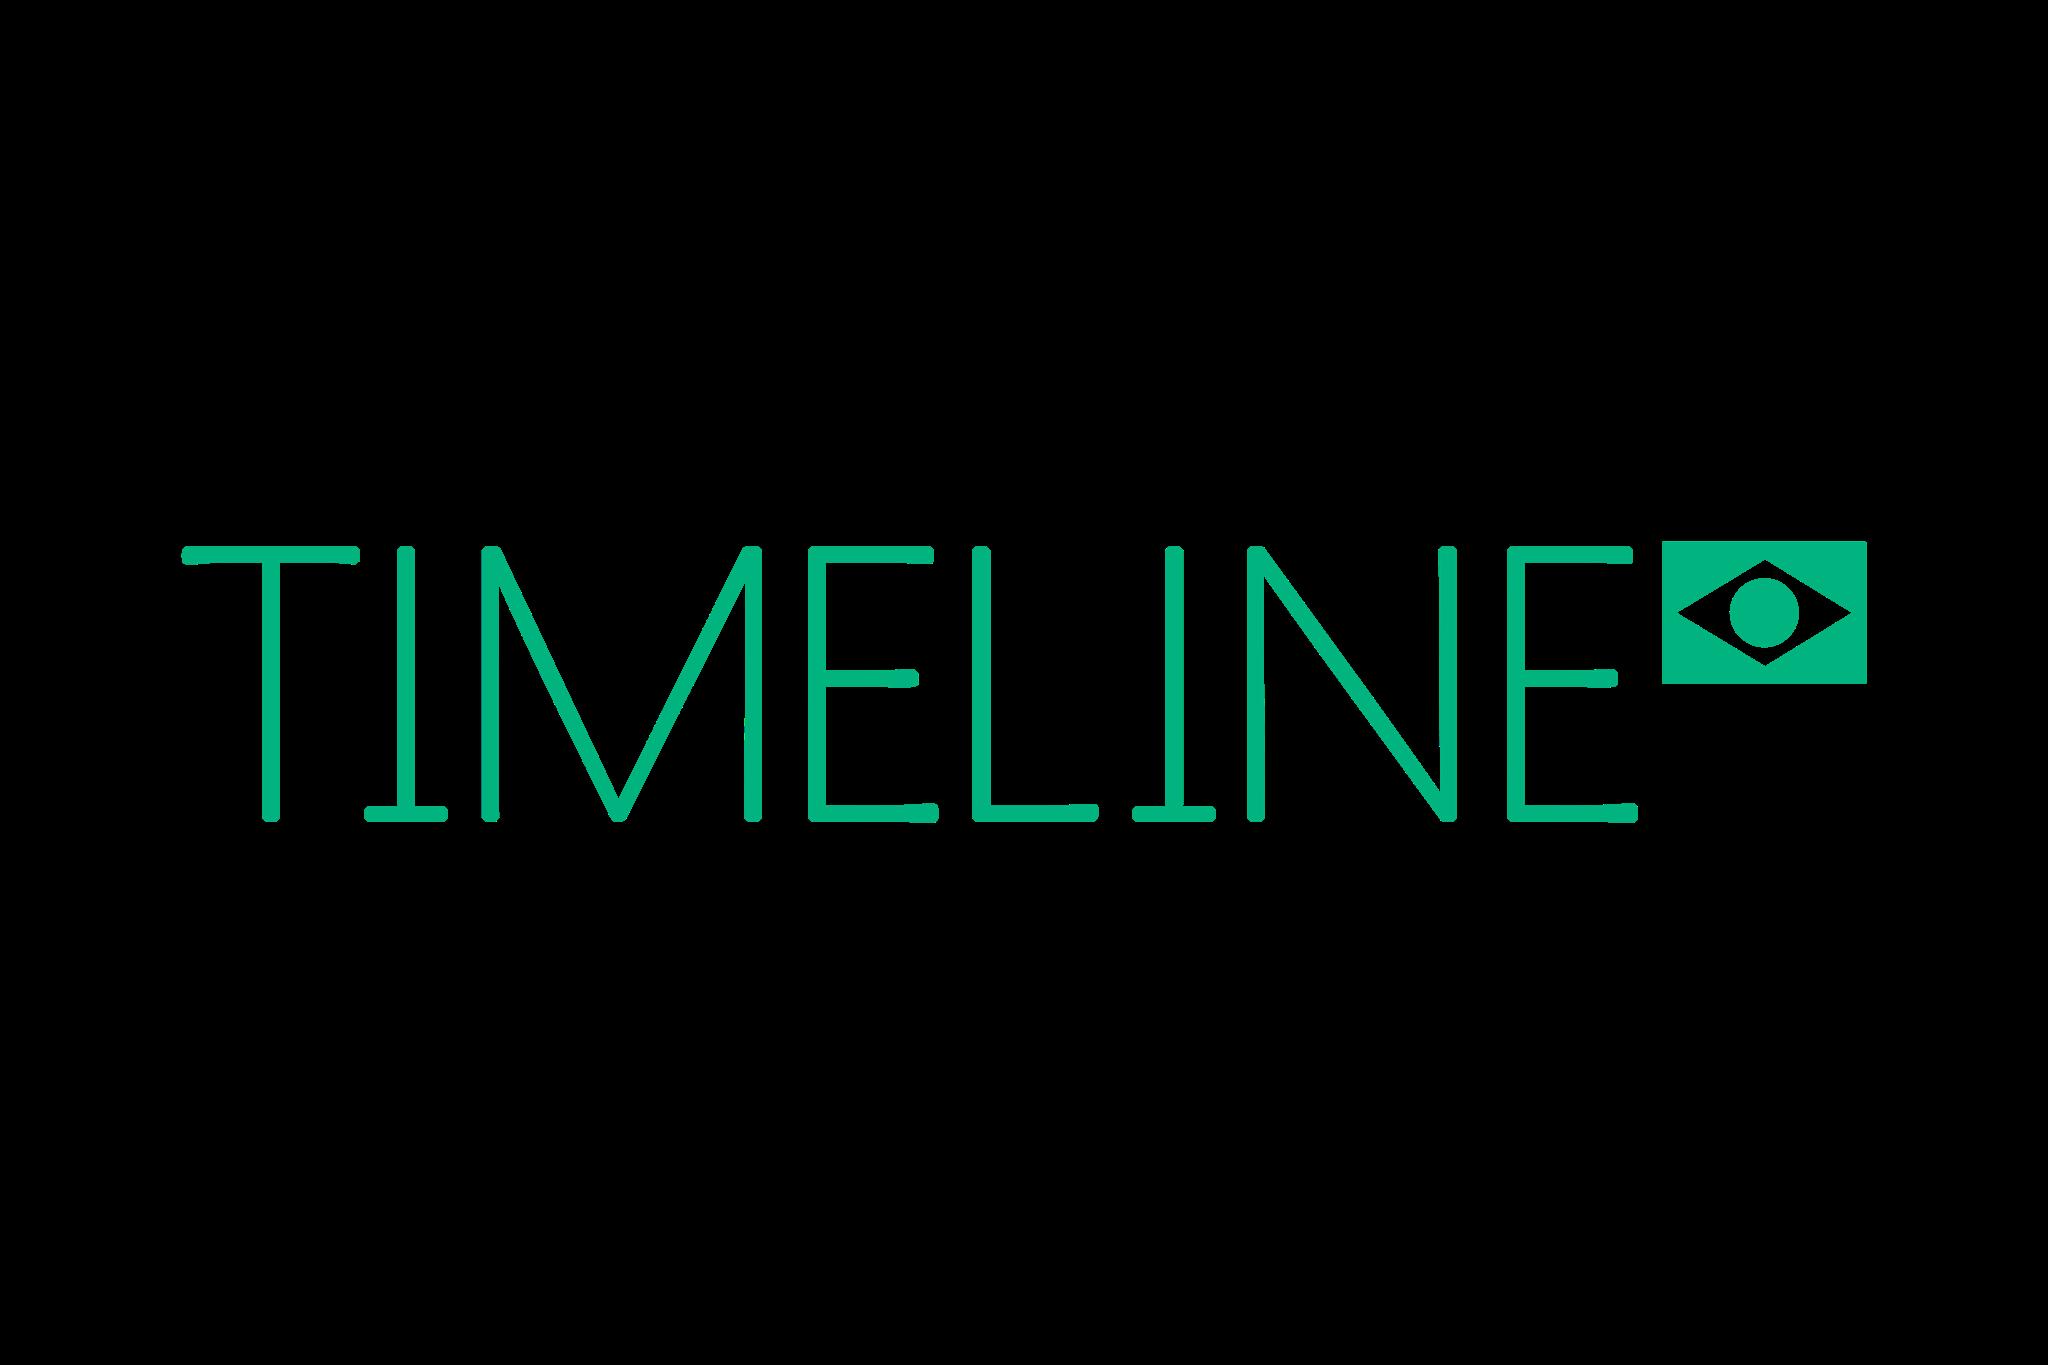 11 TIMELINE GREEN.png